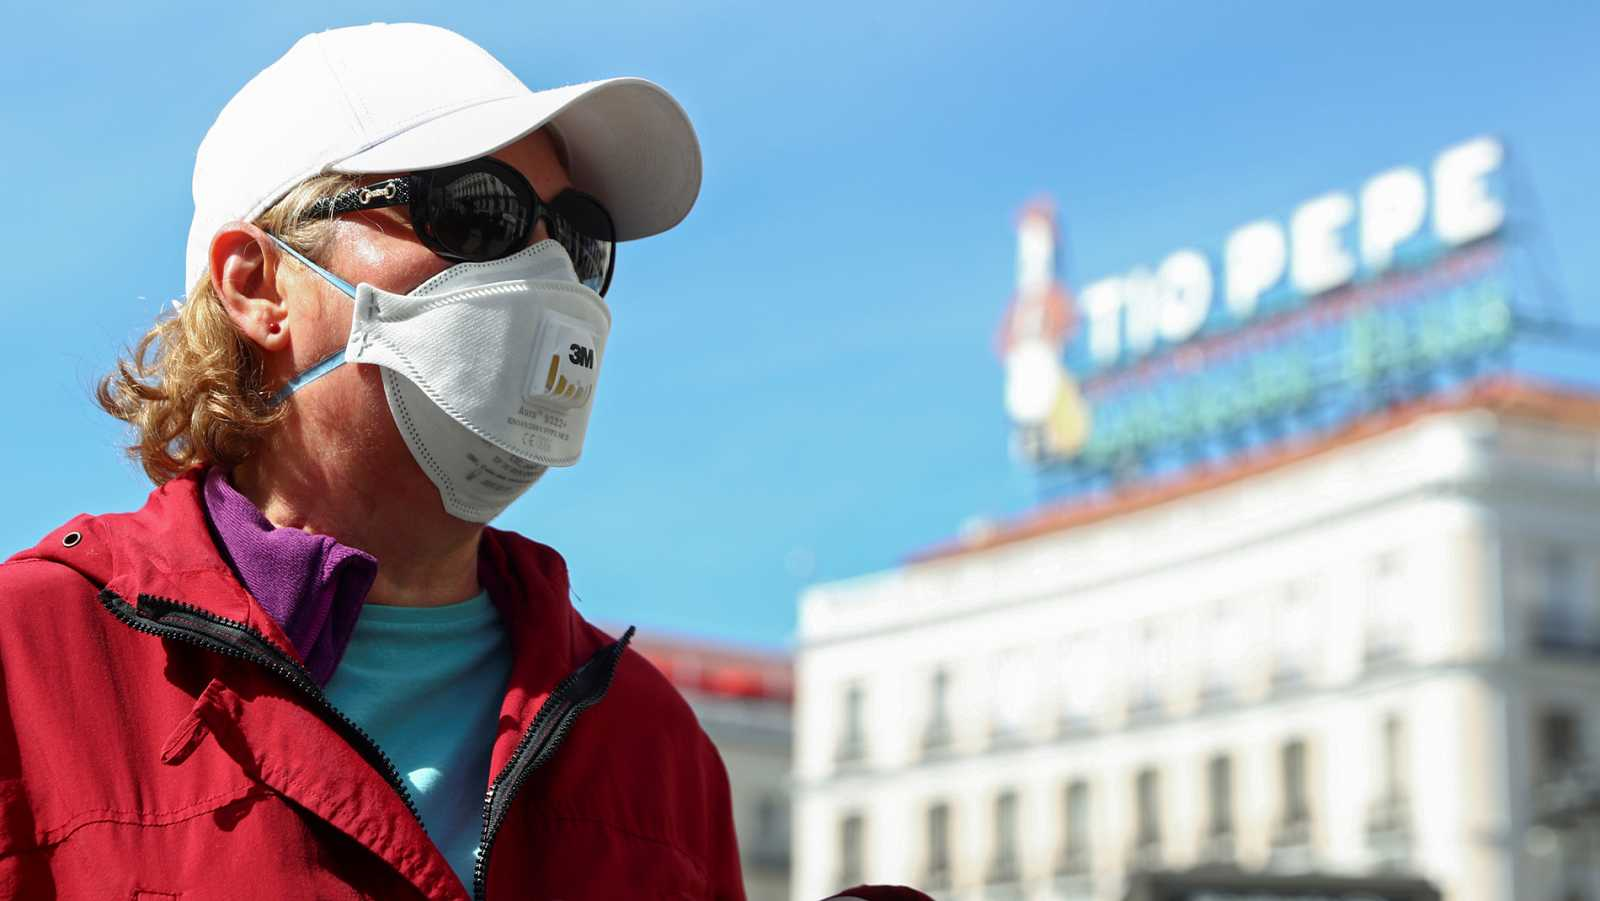 La Comunidad de Madrid registra ya 16 muertes y 469 contagios por coronavirus tras duplicar los casos en un día